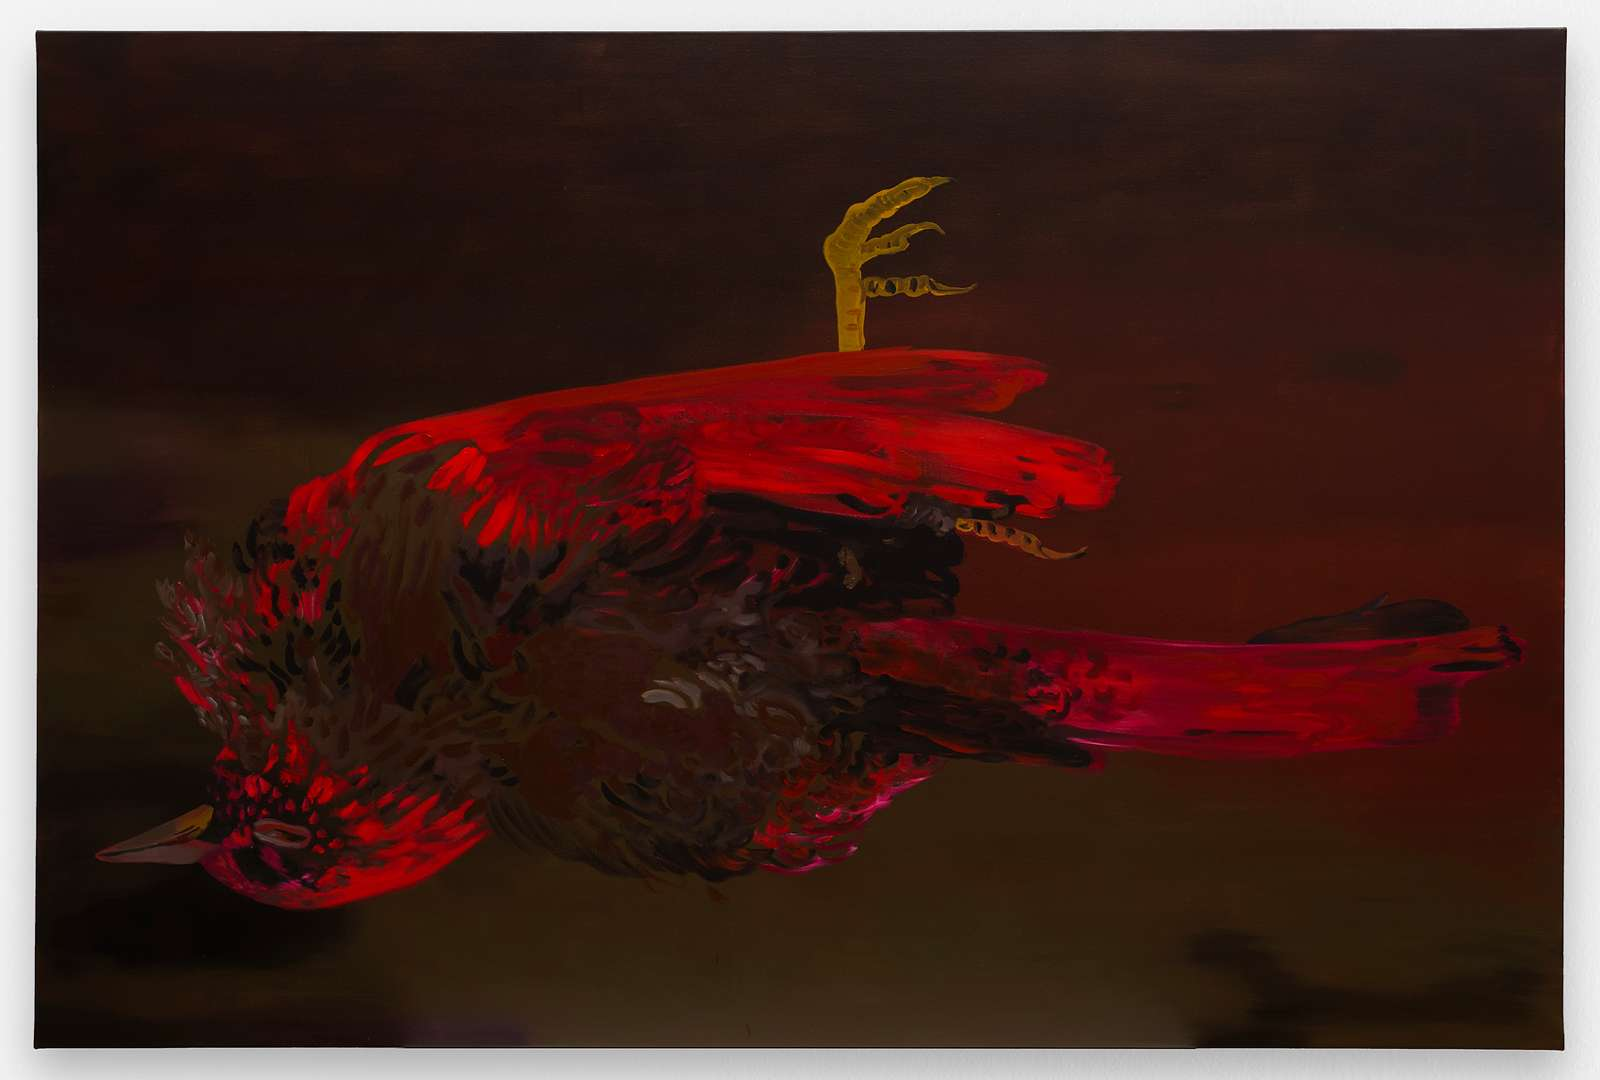 Françoise Pétrovitch, Nocturne, 2017 Huile sur toile160 x 240 cm / 63  x 94 1/2 inches